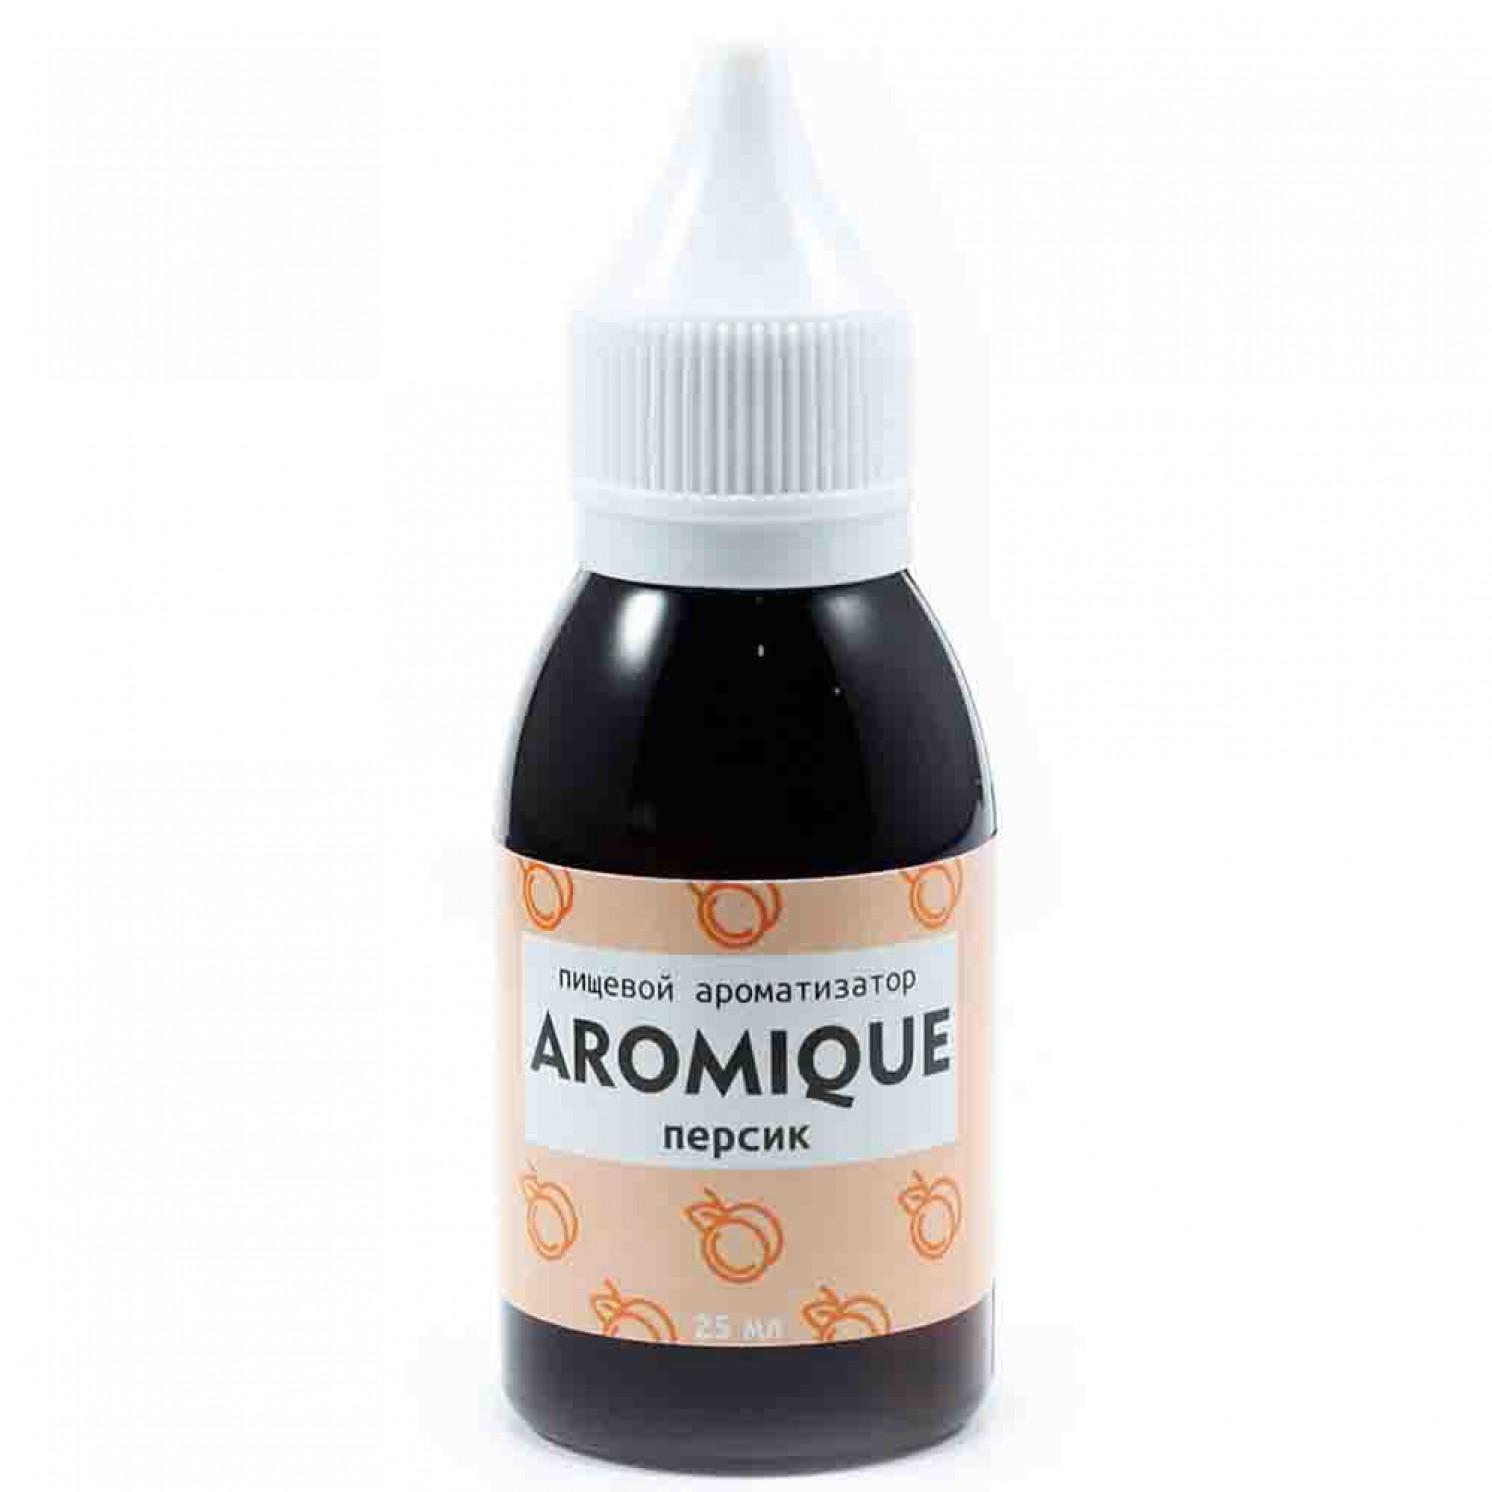 Пищевой ароматизатор Aromique Персик, 25мл